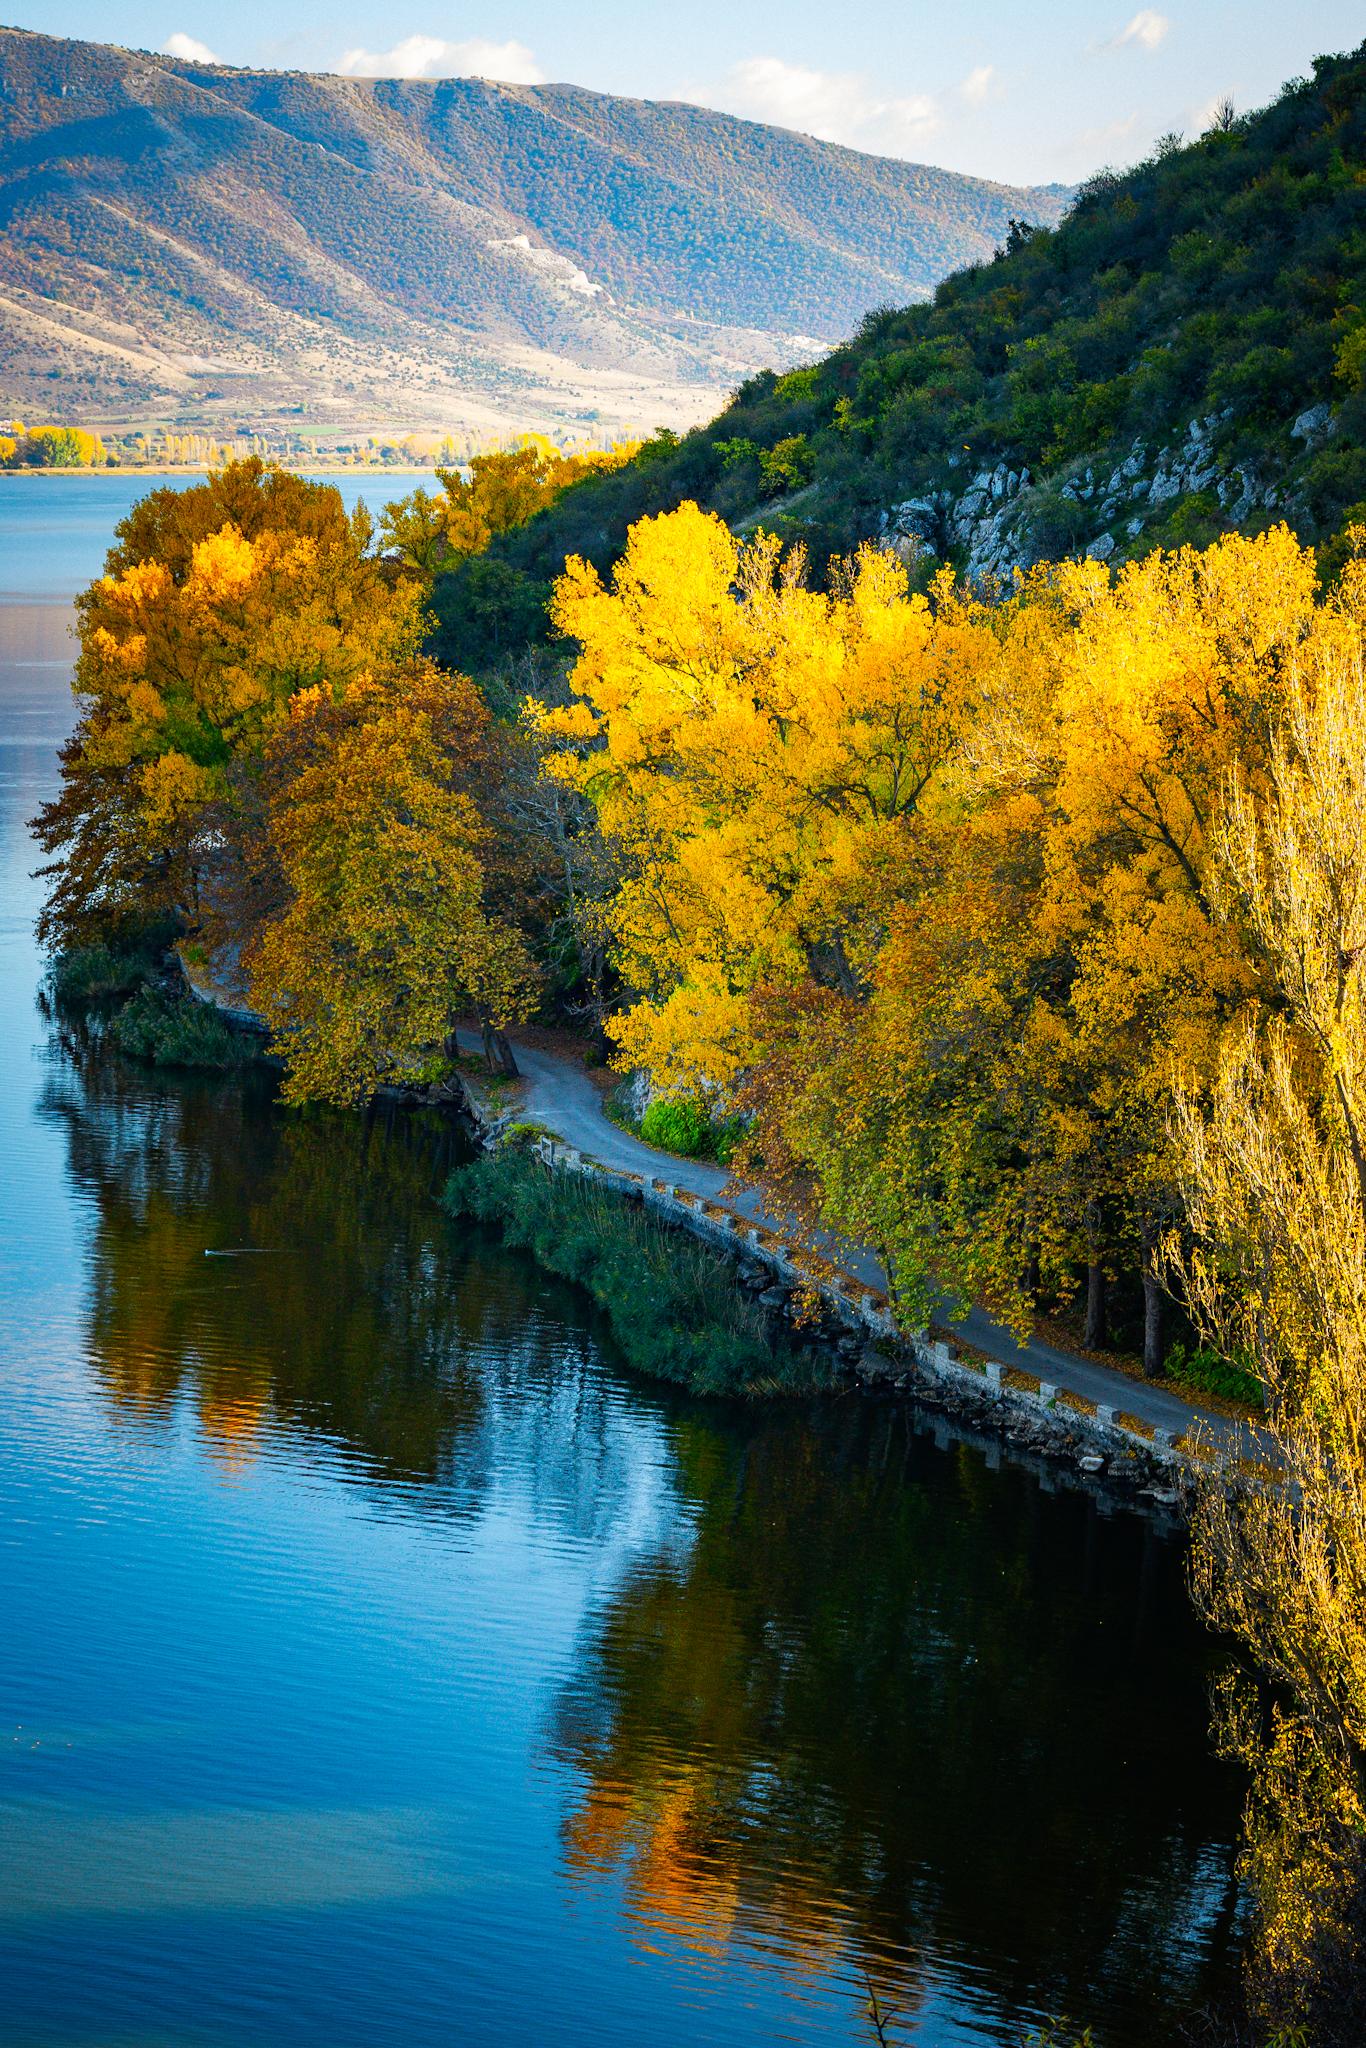 Γυρολιμνιά Καστοριάς ©Απόστολος Νάτσης